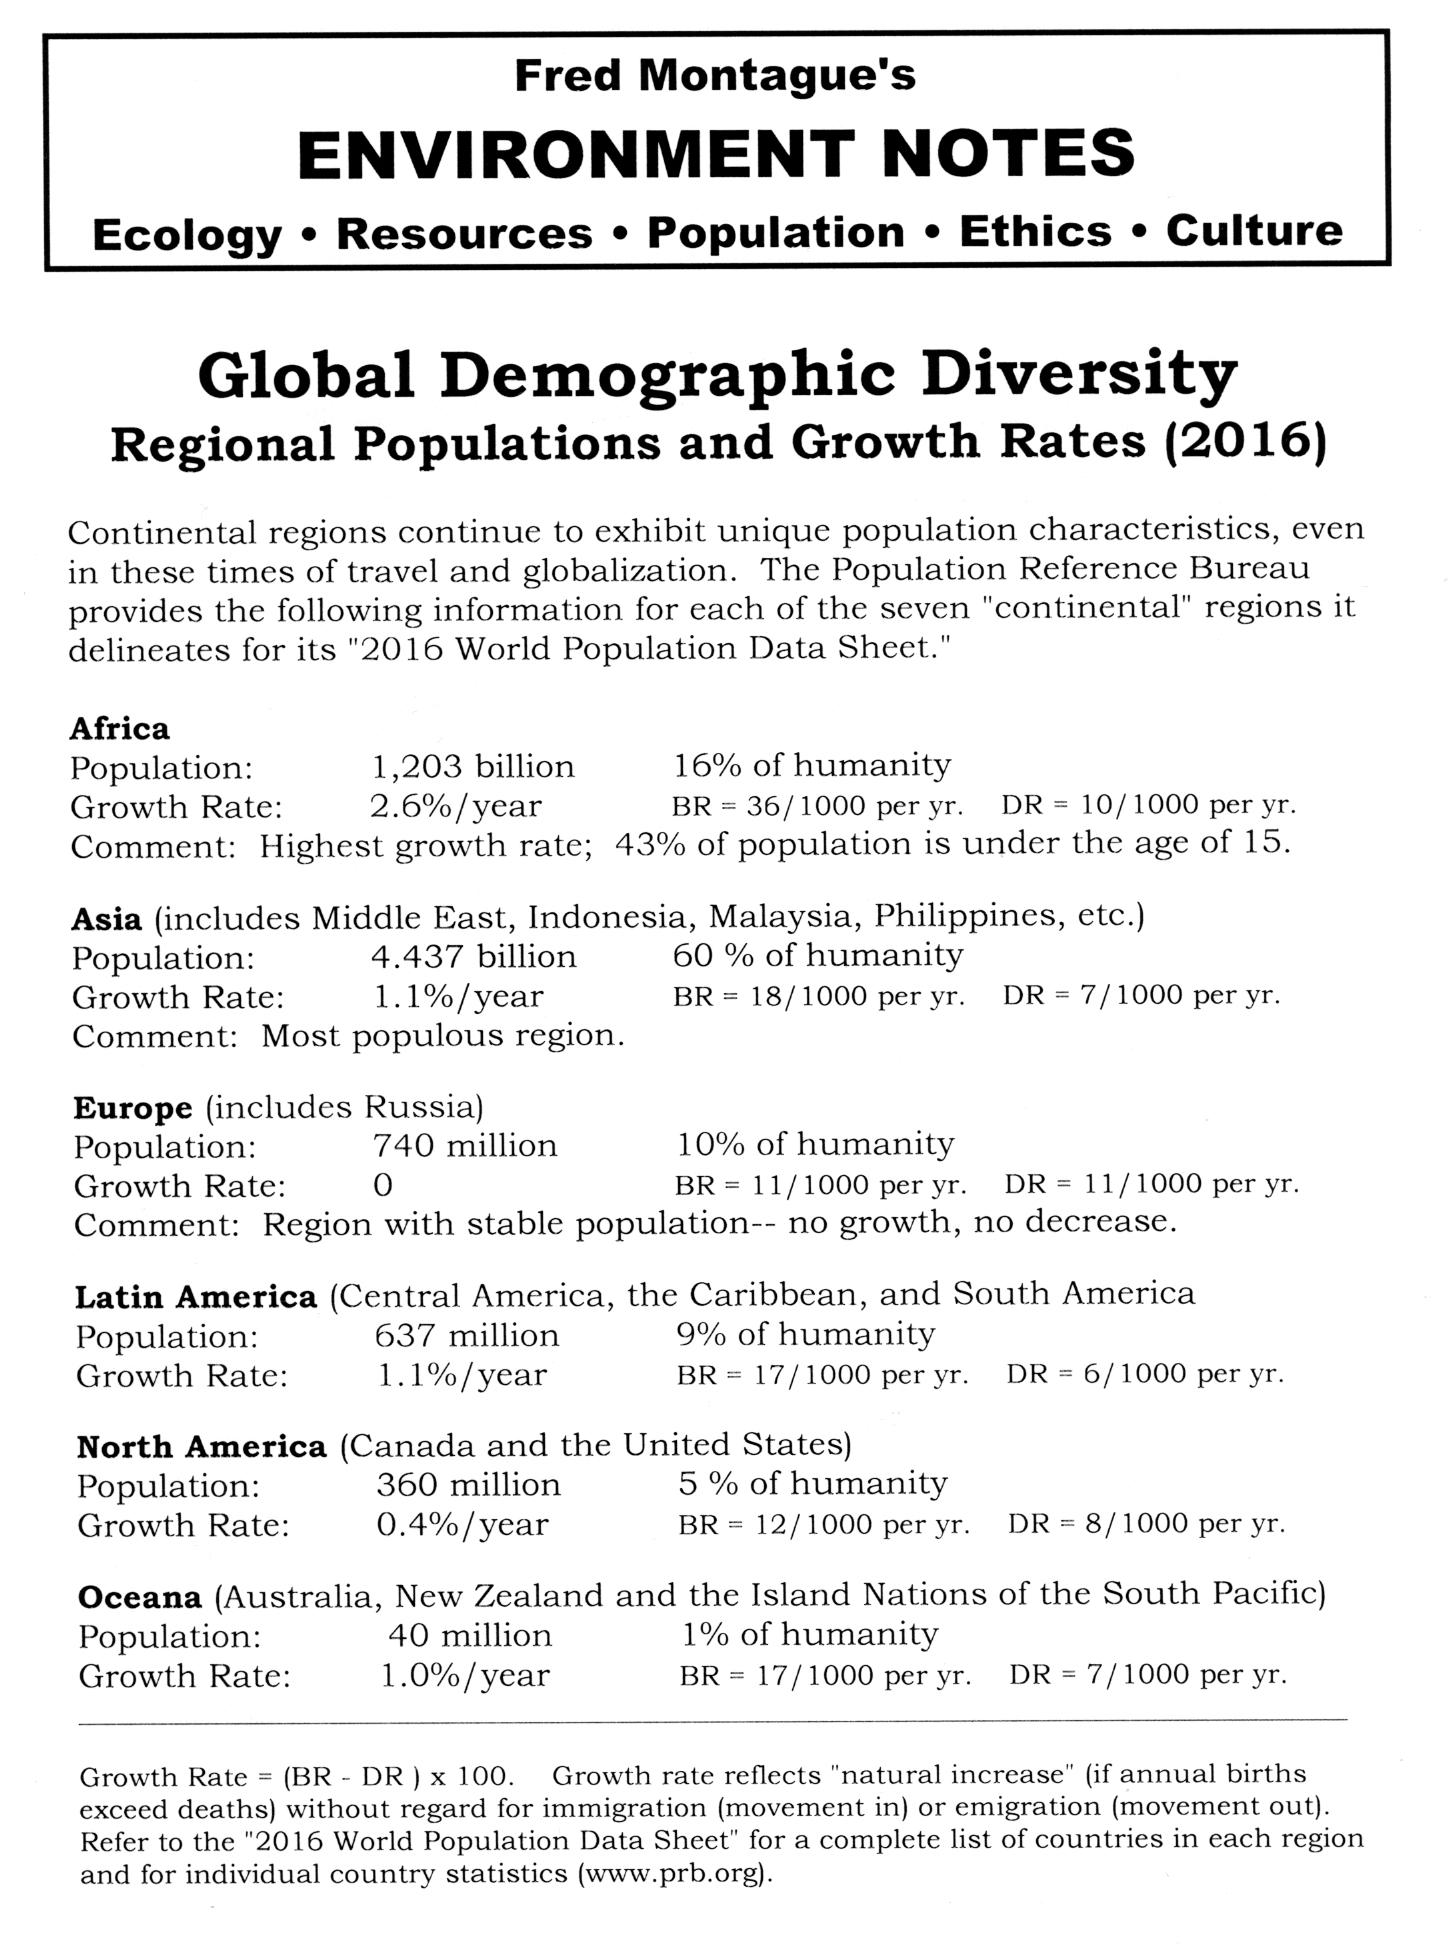 global_dem_div1